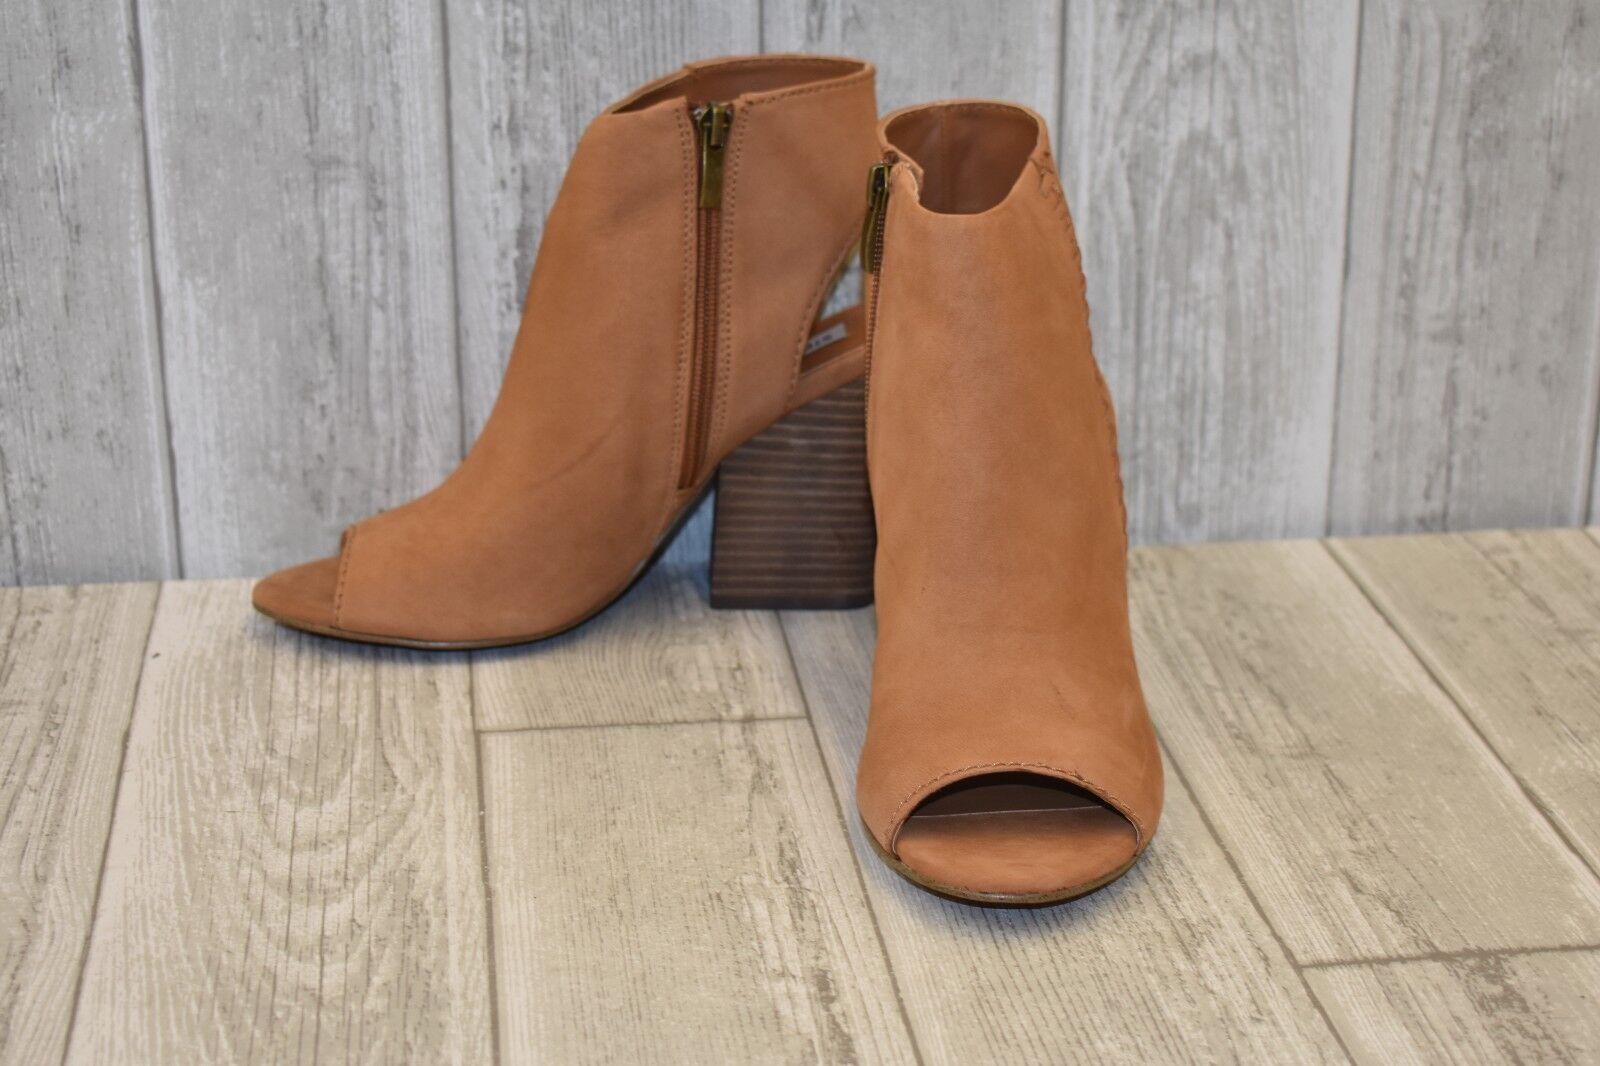 in vendita online Steve Madden Mingle Open Toe Toe Toe avvioies - Donna  Dimensione 9.5 B - Tan  scelte con prezzo basso